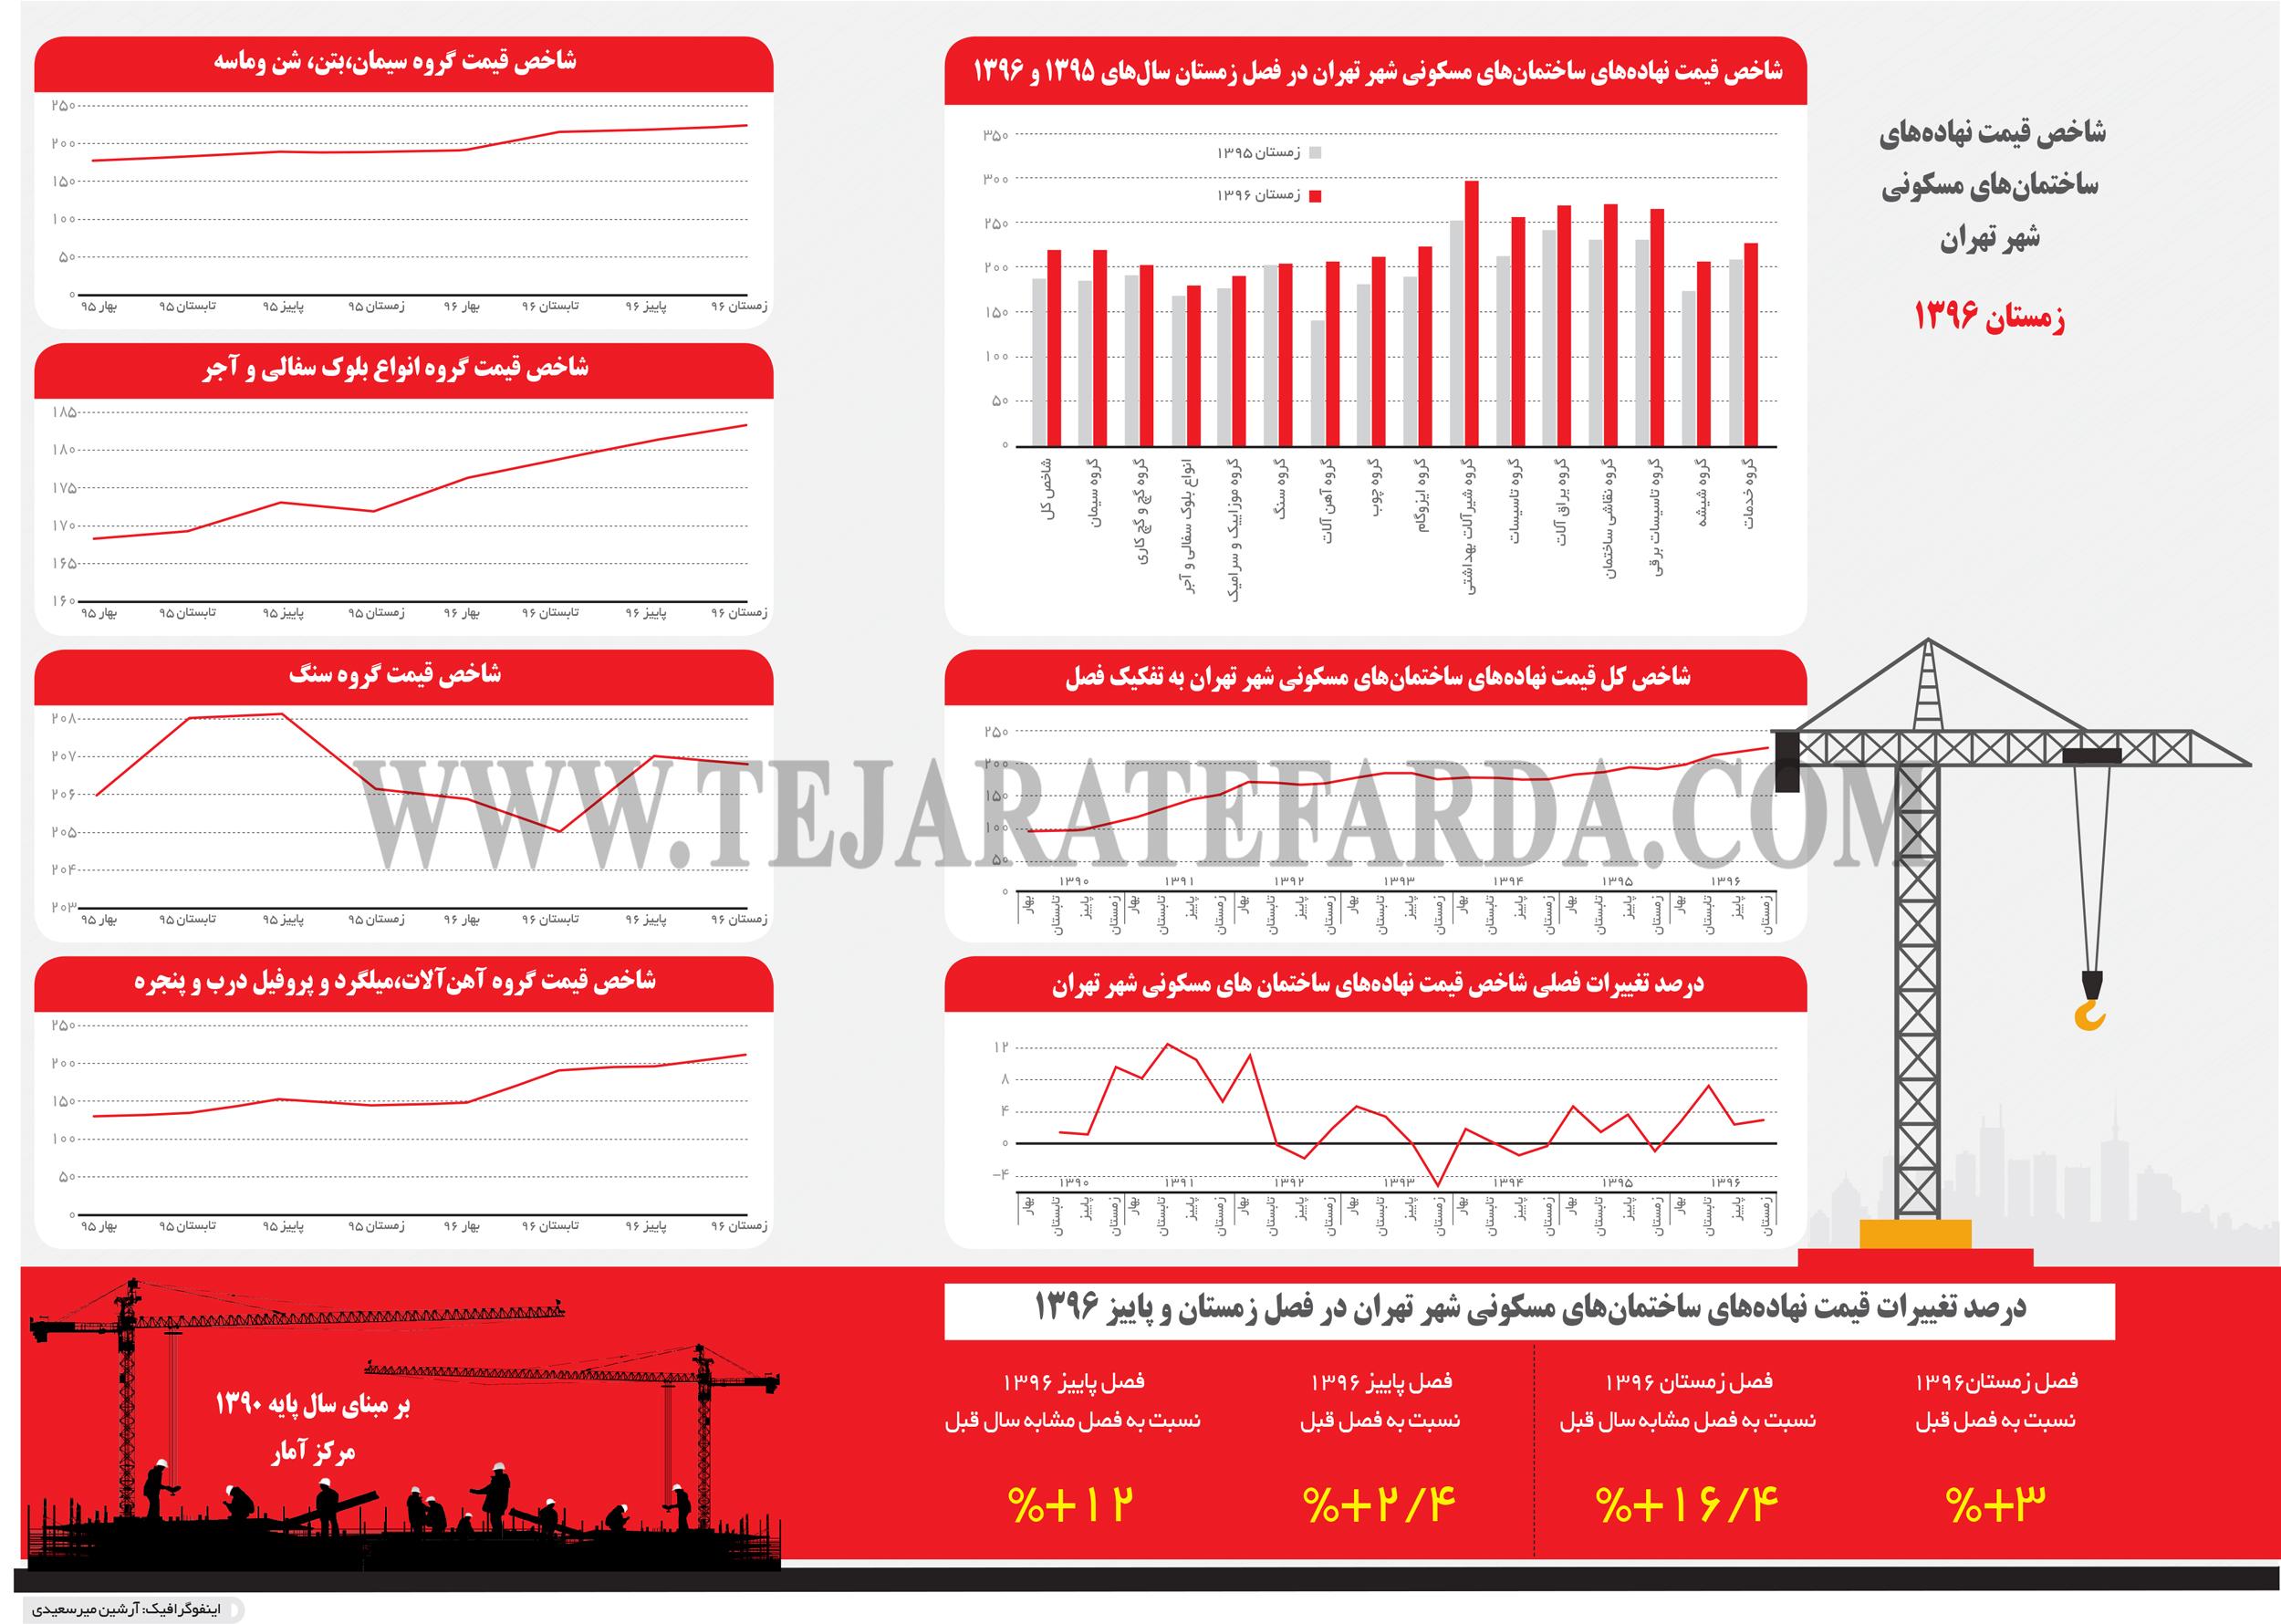 تجارت فردا- اینفوگرافیک-  شاخص قیمت نهادههای  ساختمانهای مسکونی شهر تهران